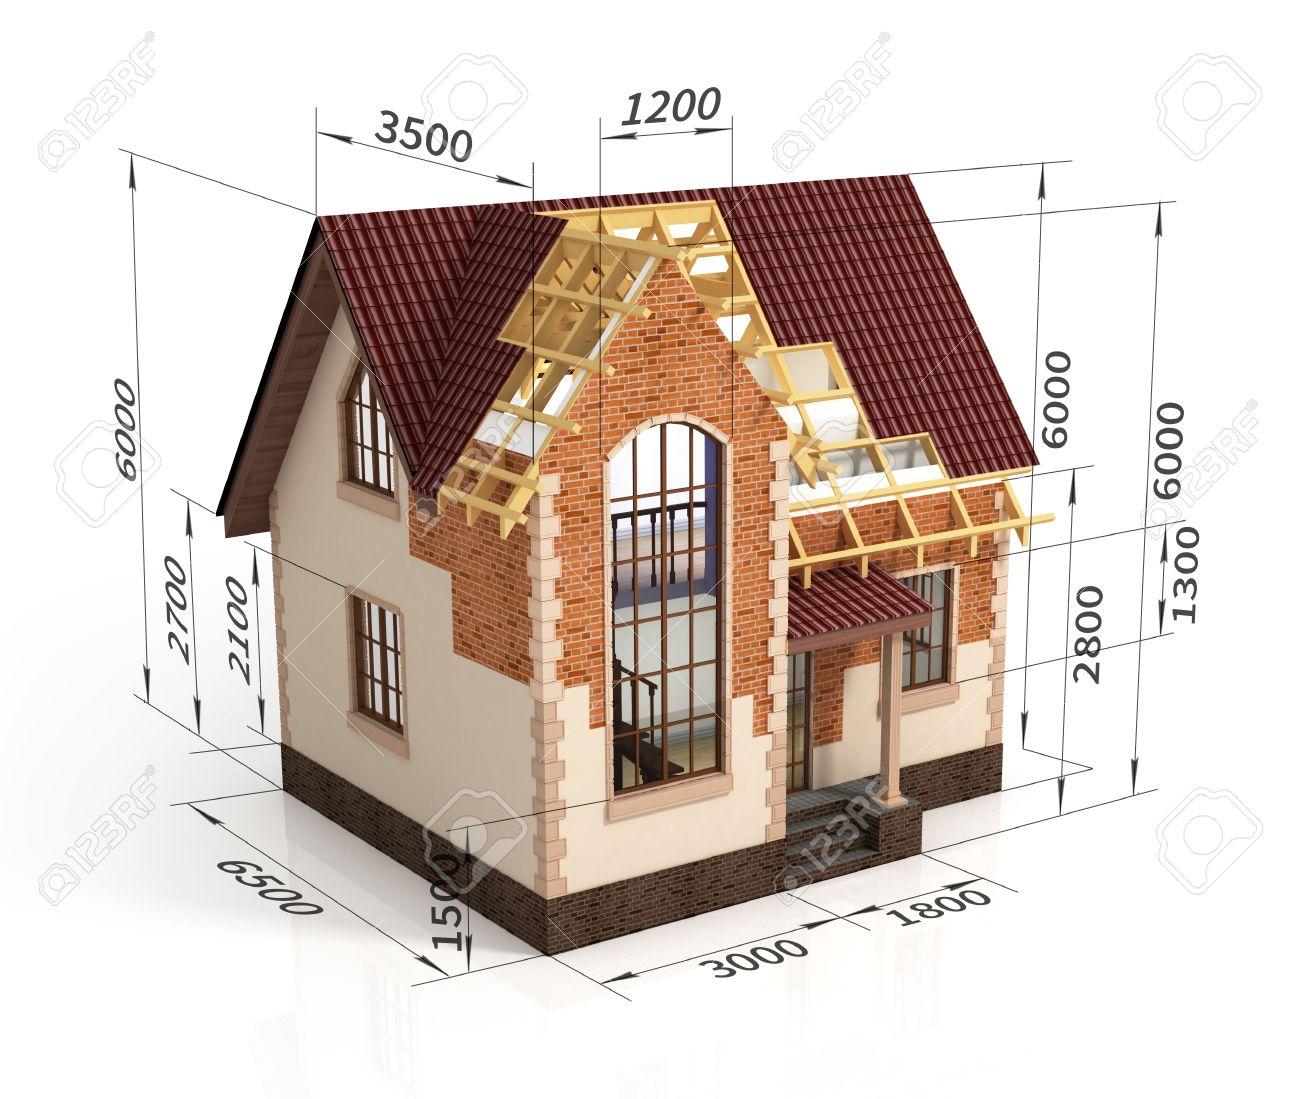 Construction haus planen design mischung übergang abbildung bauprozess mit dimension lizenzfreie bilder 37715352